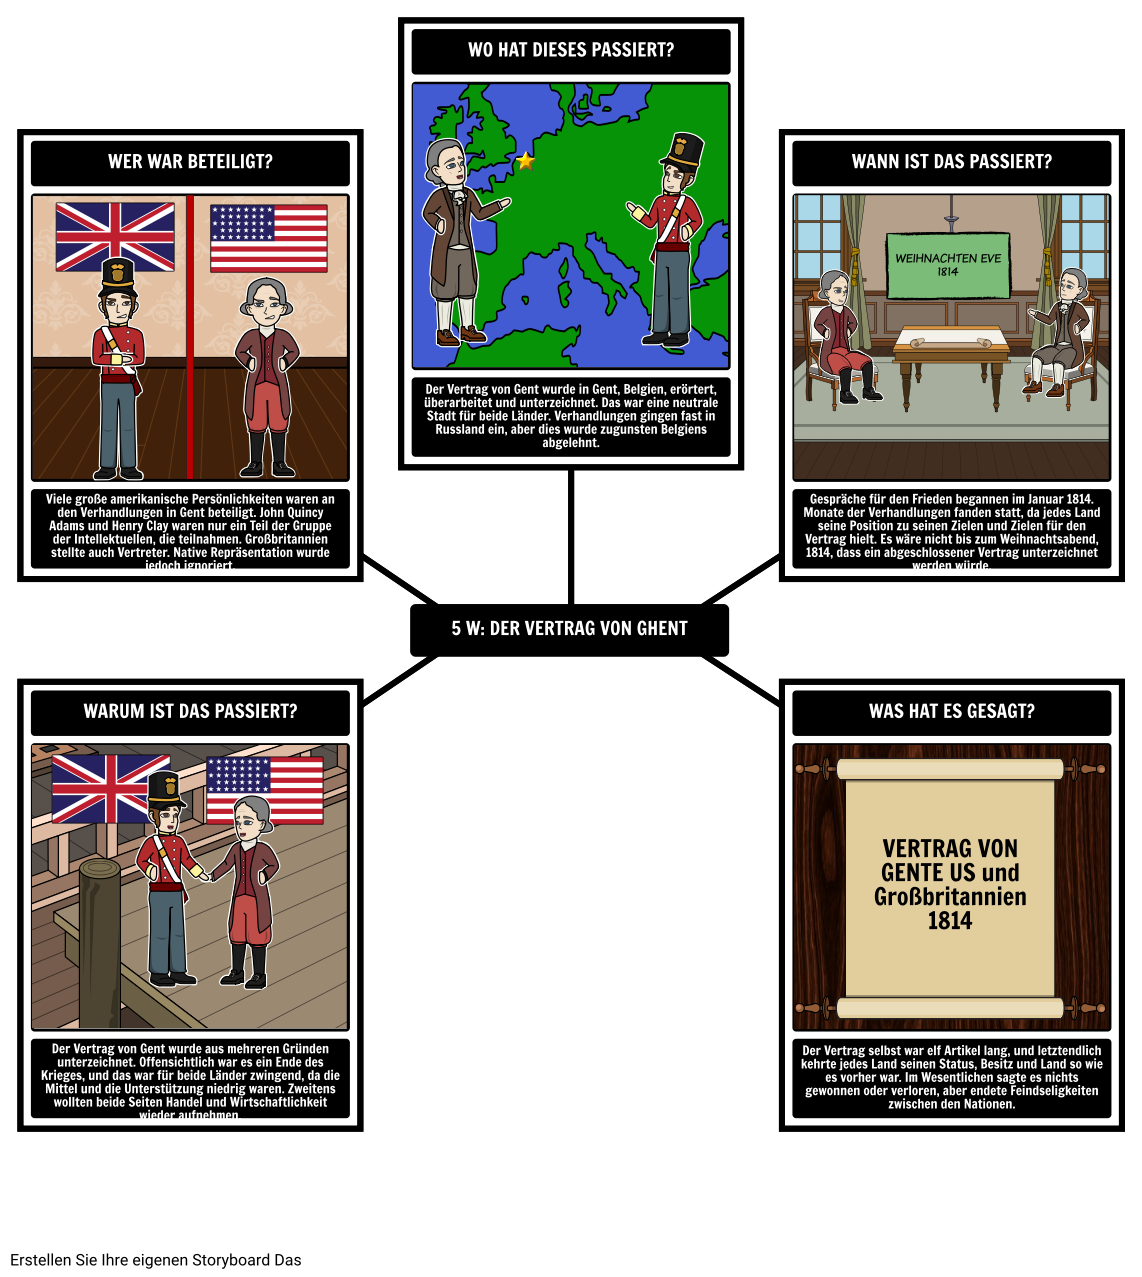 Der Krieg von 1812 - 5 Ws des Vertrags von Gent